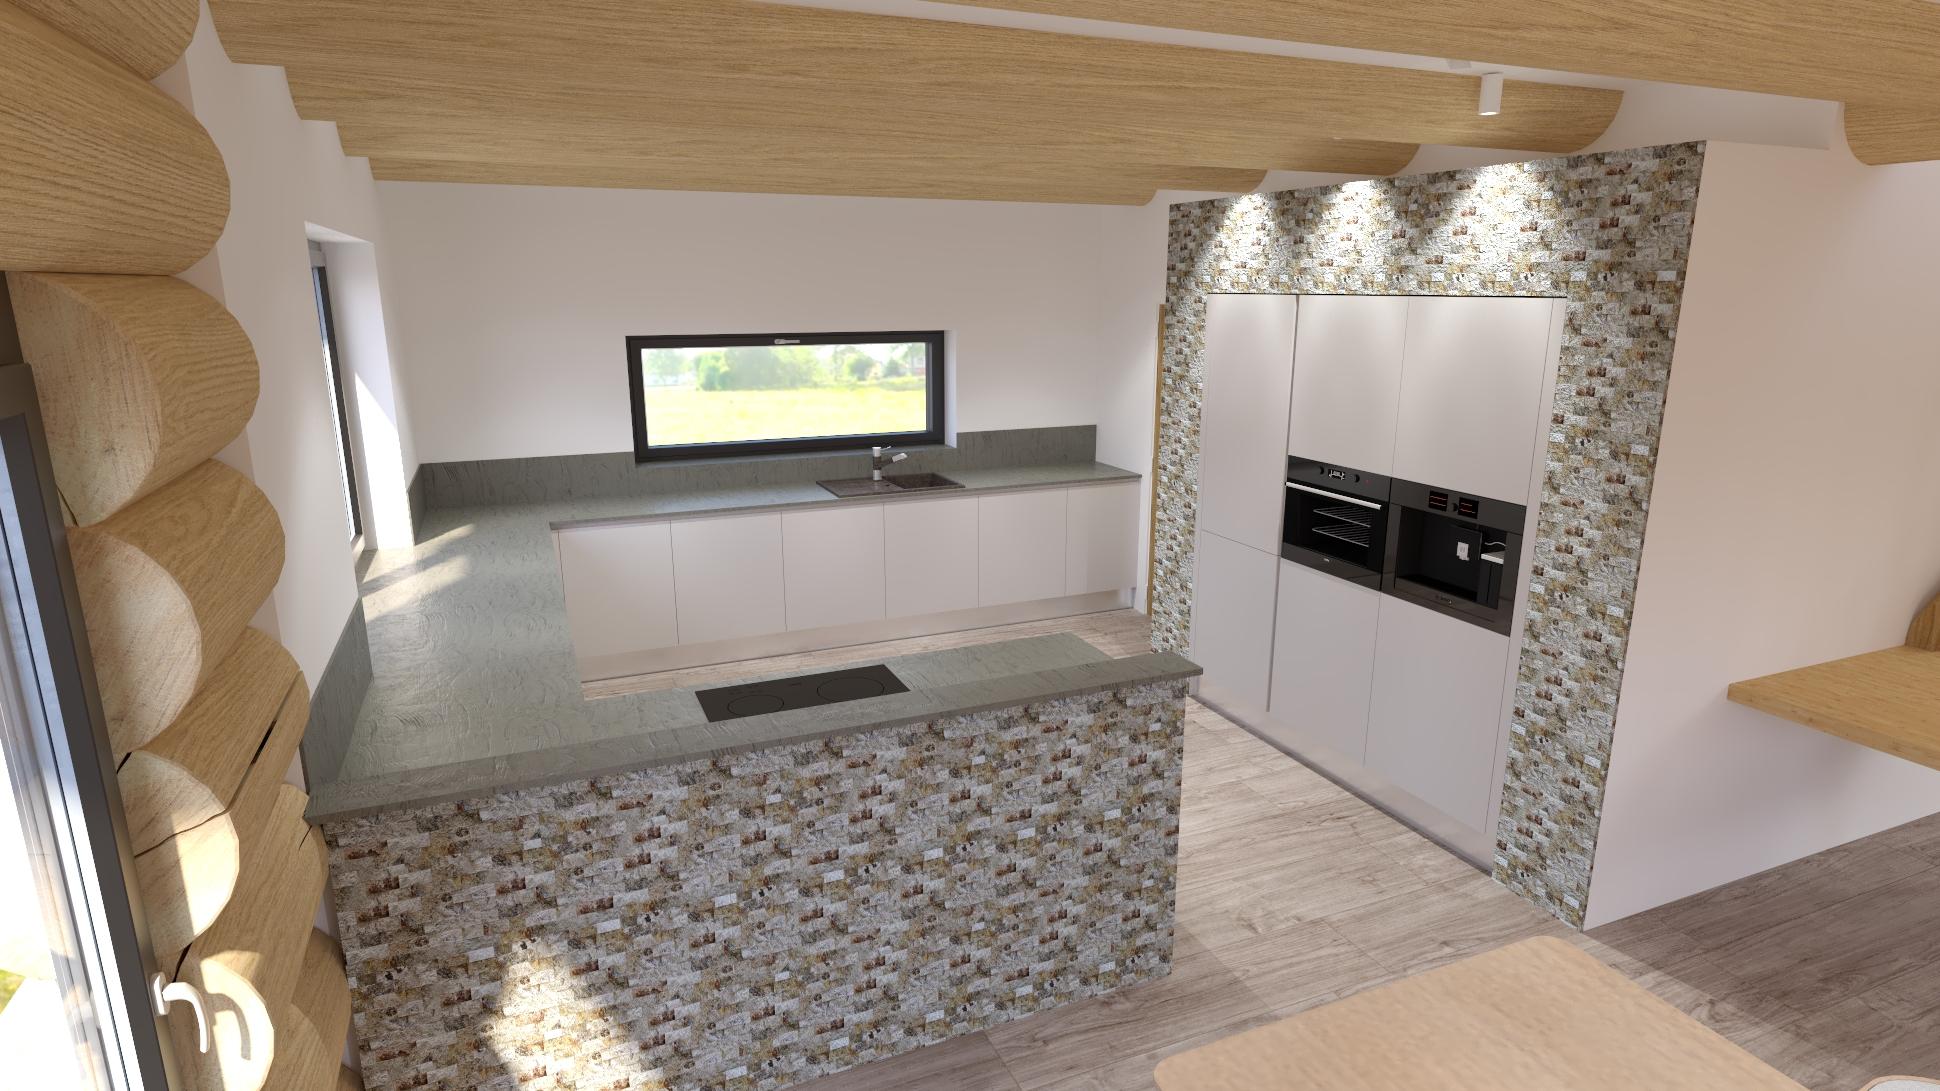 vizualizace na kuchyňský kout v srubové stavbě